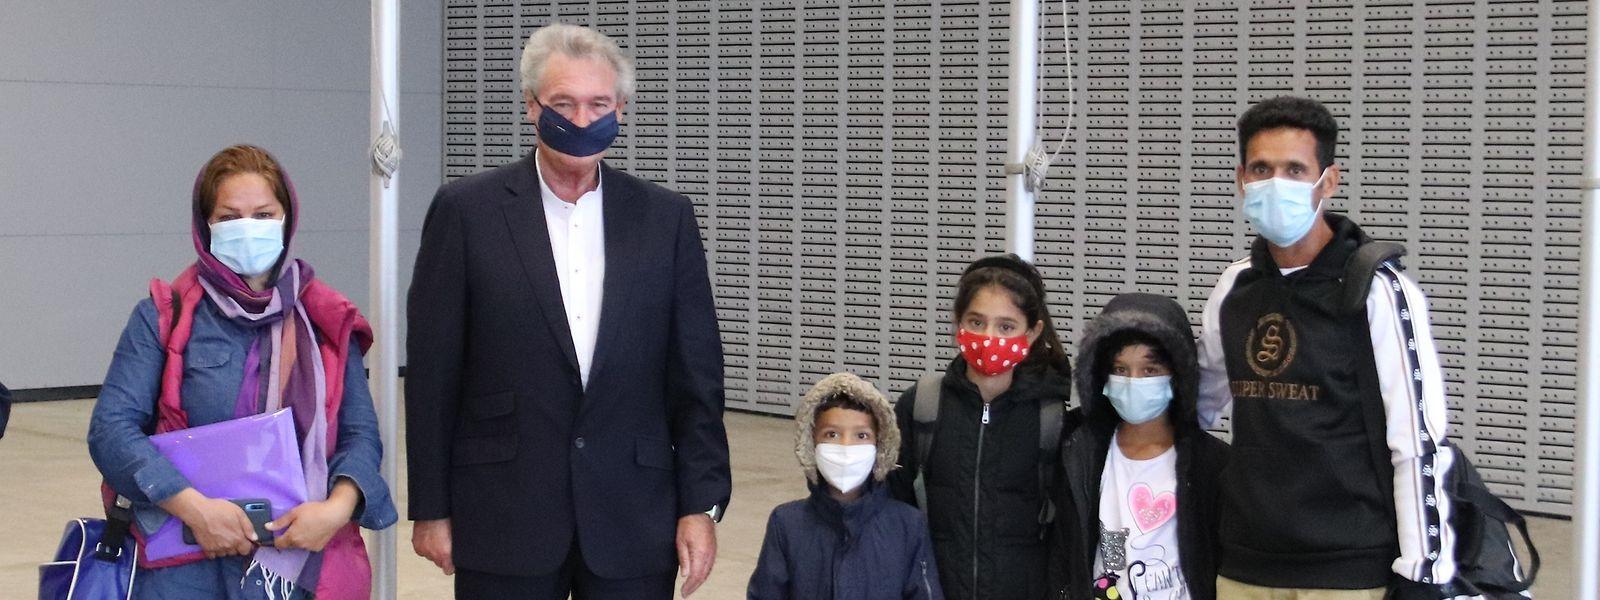 Jean Asselborn begrüßte die afghanische Familie am Flughafen Luxemburg.